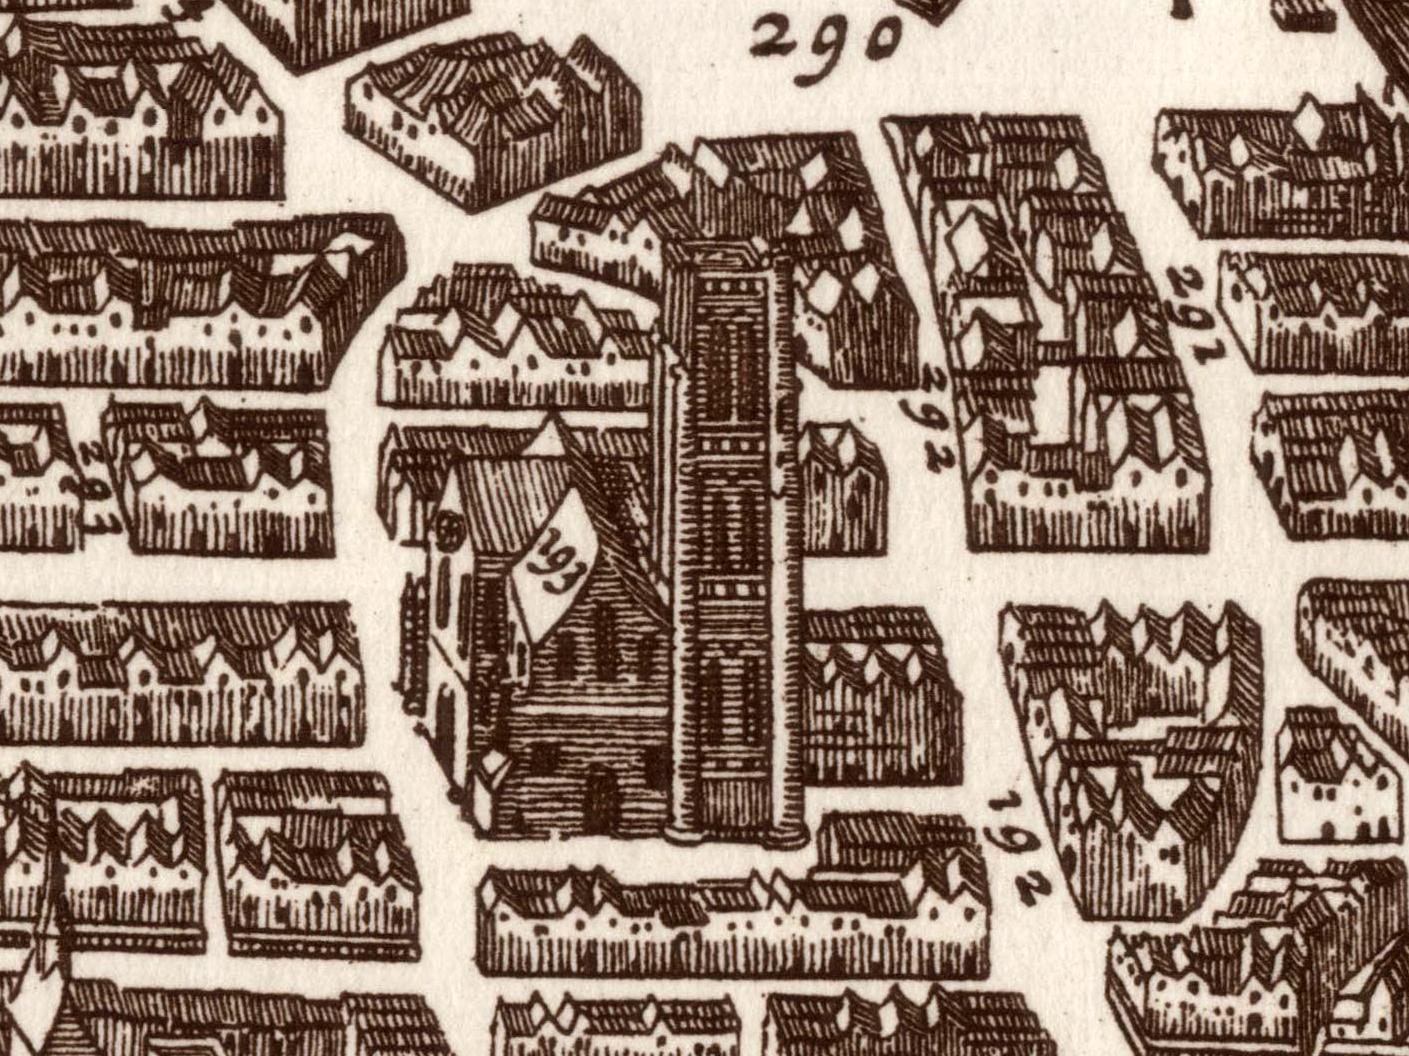 Church of Saint-Jacques-de-la-Boucherie in 1618